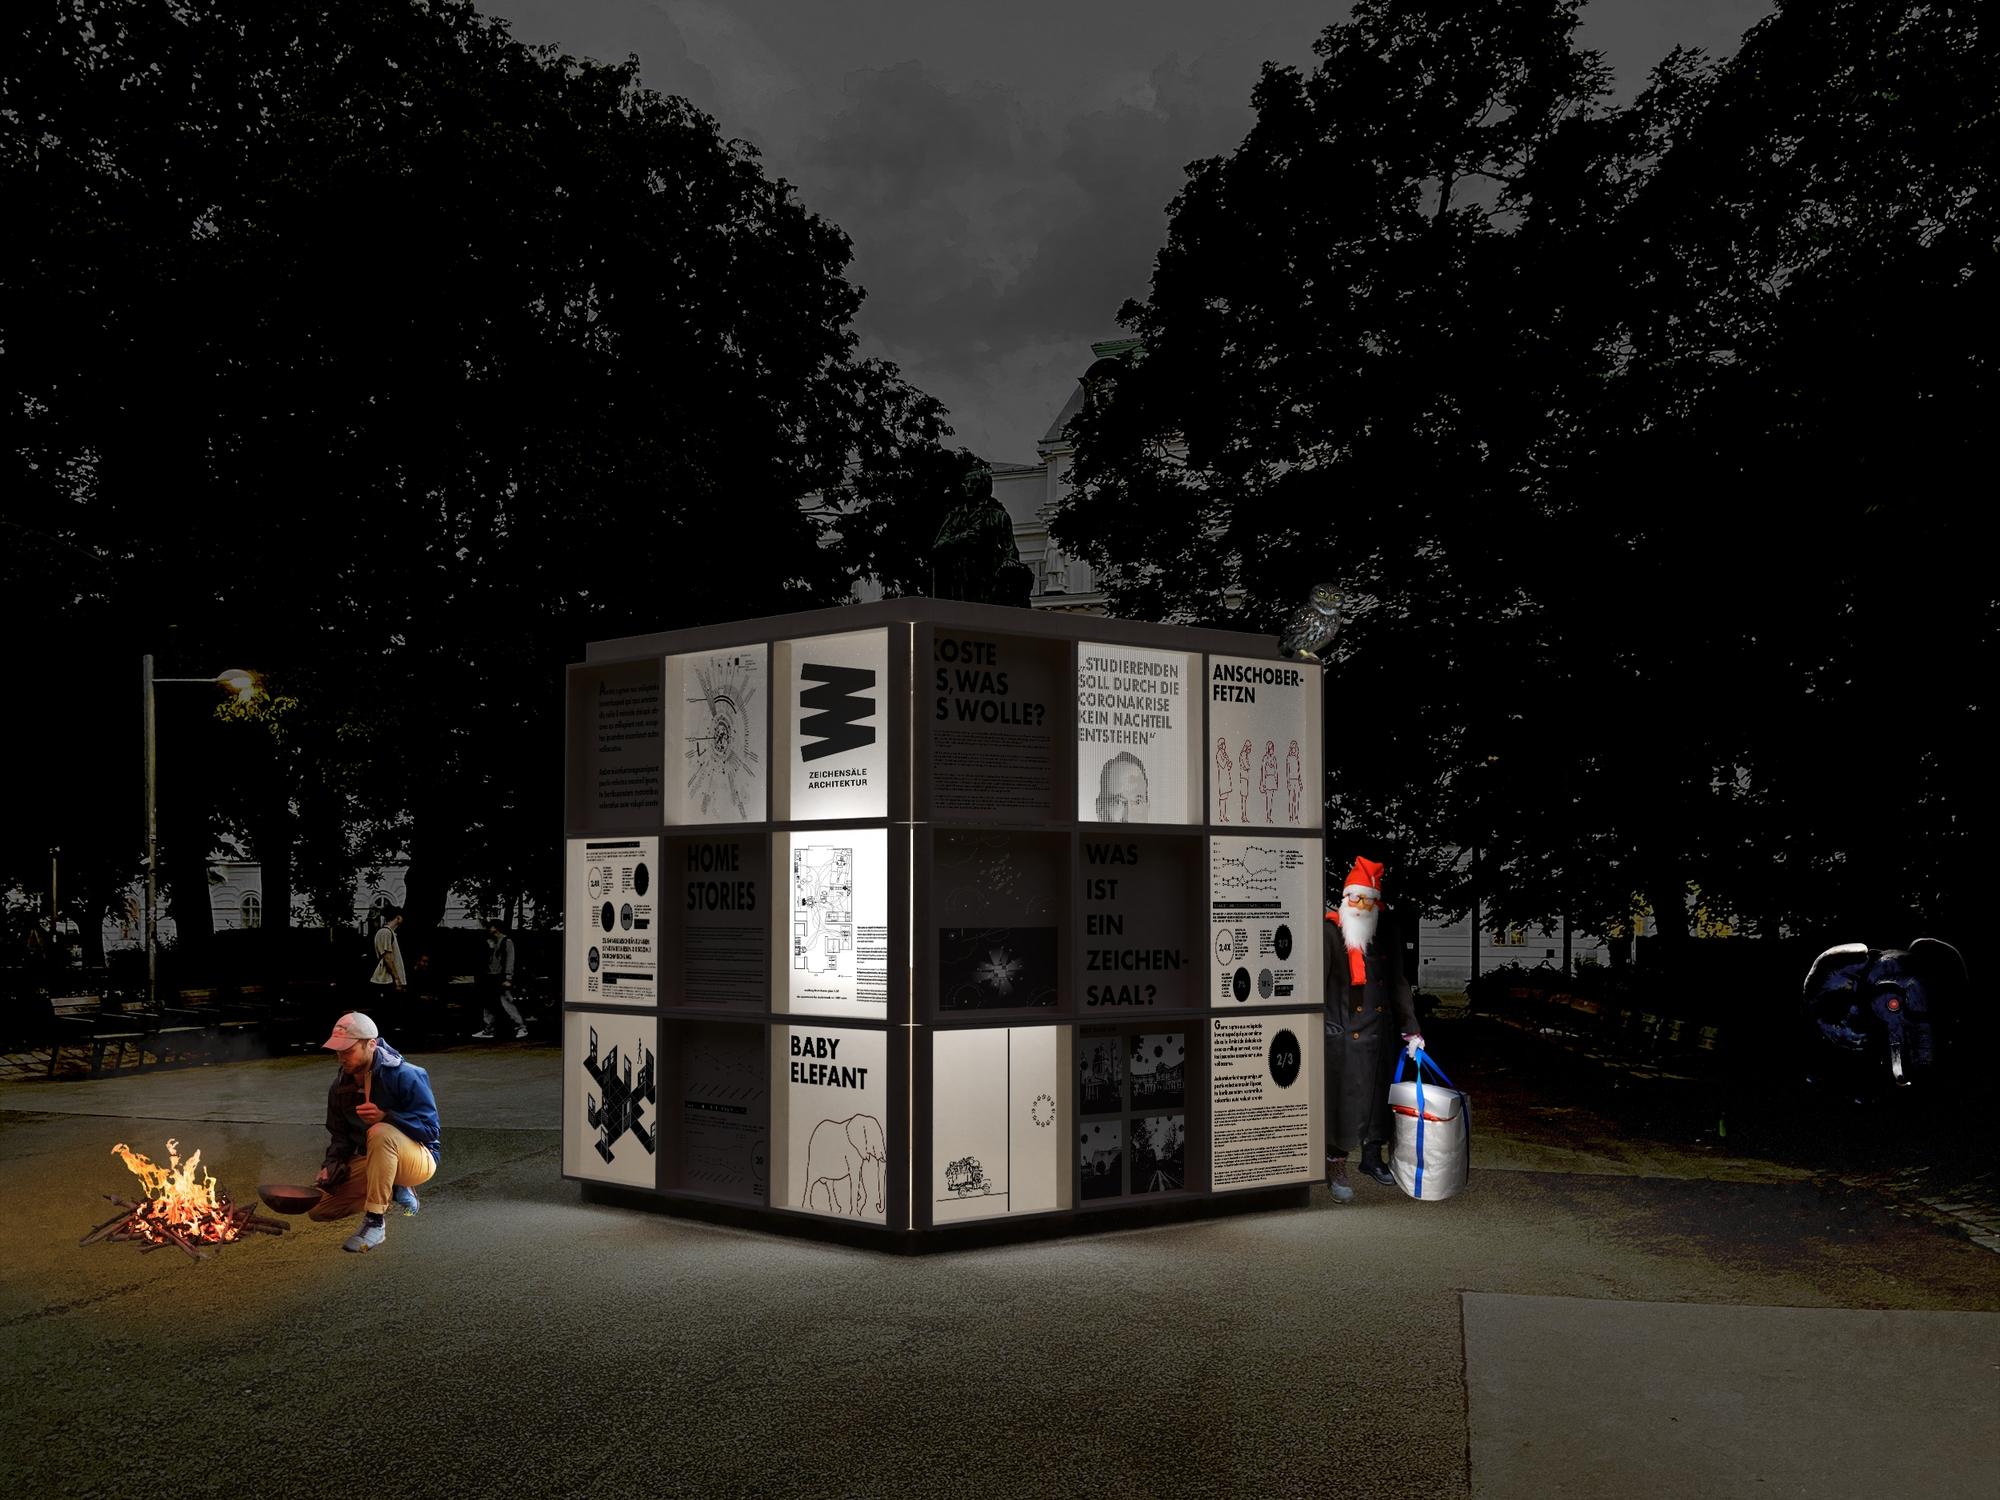 Präsenz - Semesterausstellung Architektur TU Wien